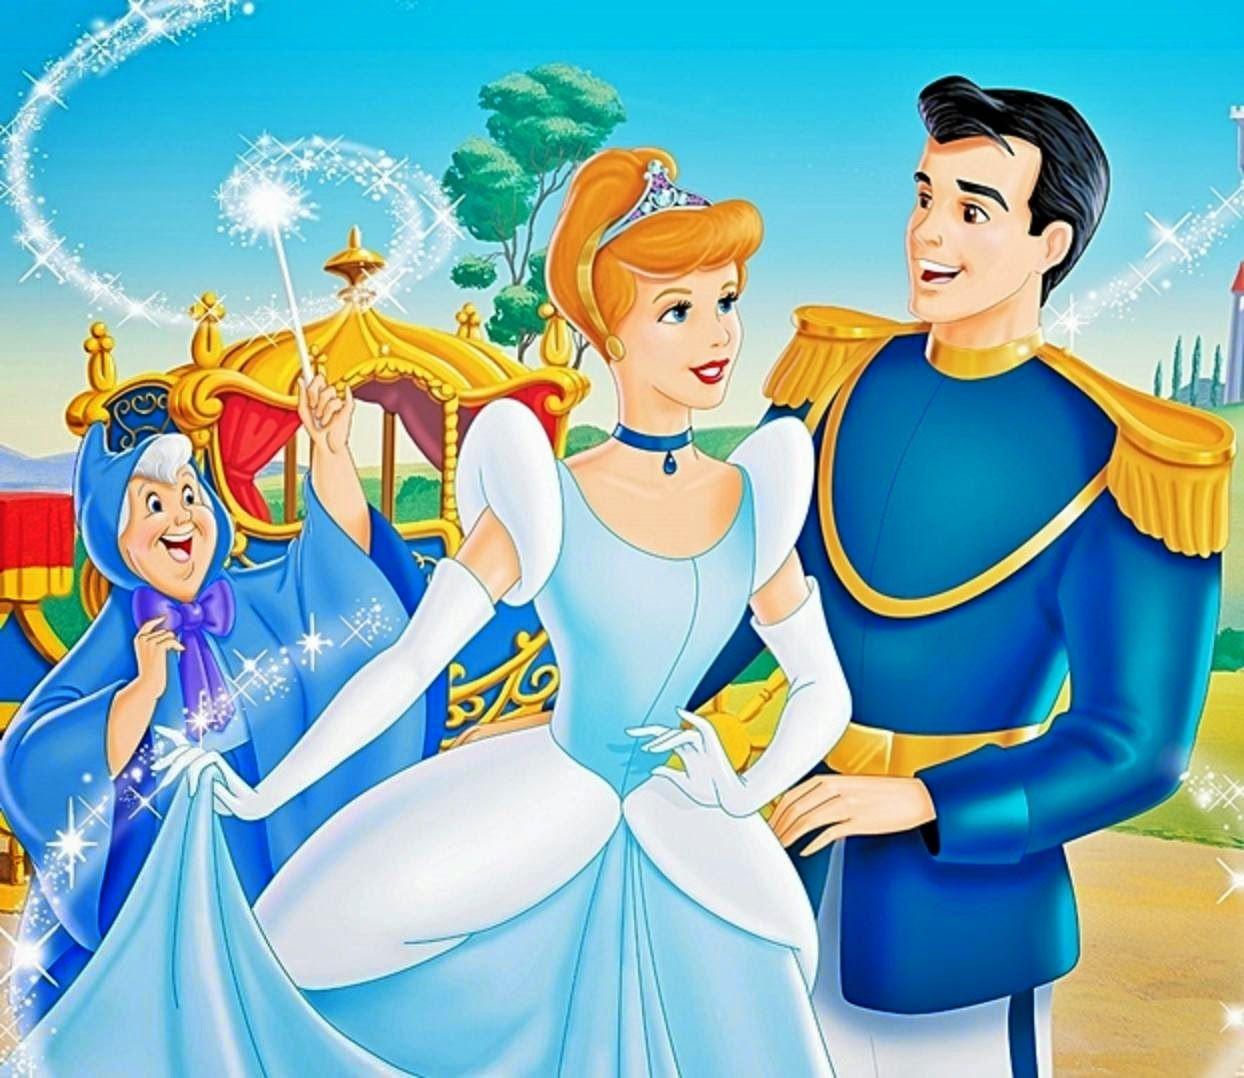 Pin by 𝓖𝓵𝓪𝓼𝓼 𝓼𝓵𝓲𝓹𝓹𝓮𝓻𝓼 on Cinderella 2 Dreams Come True